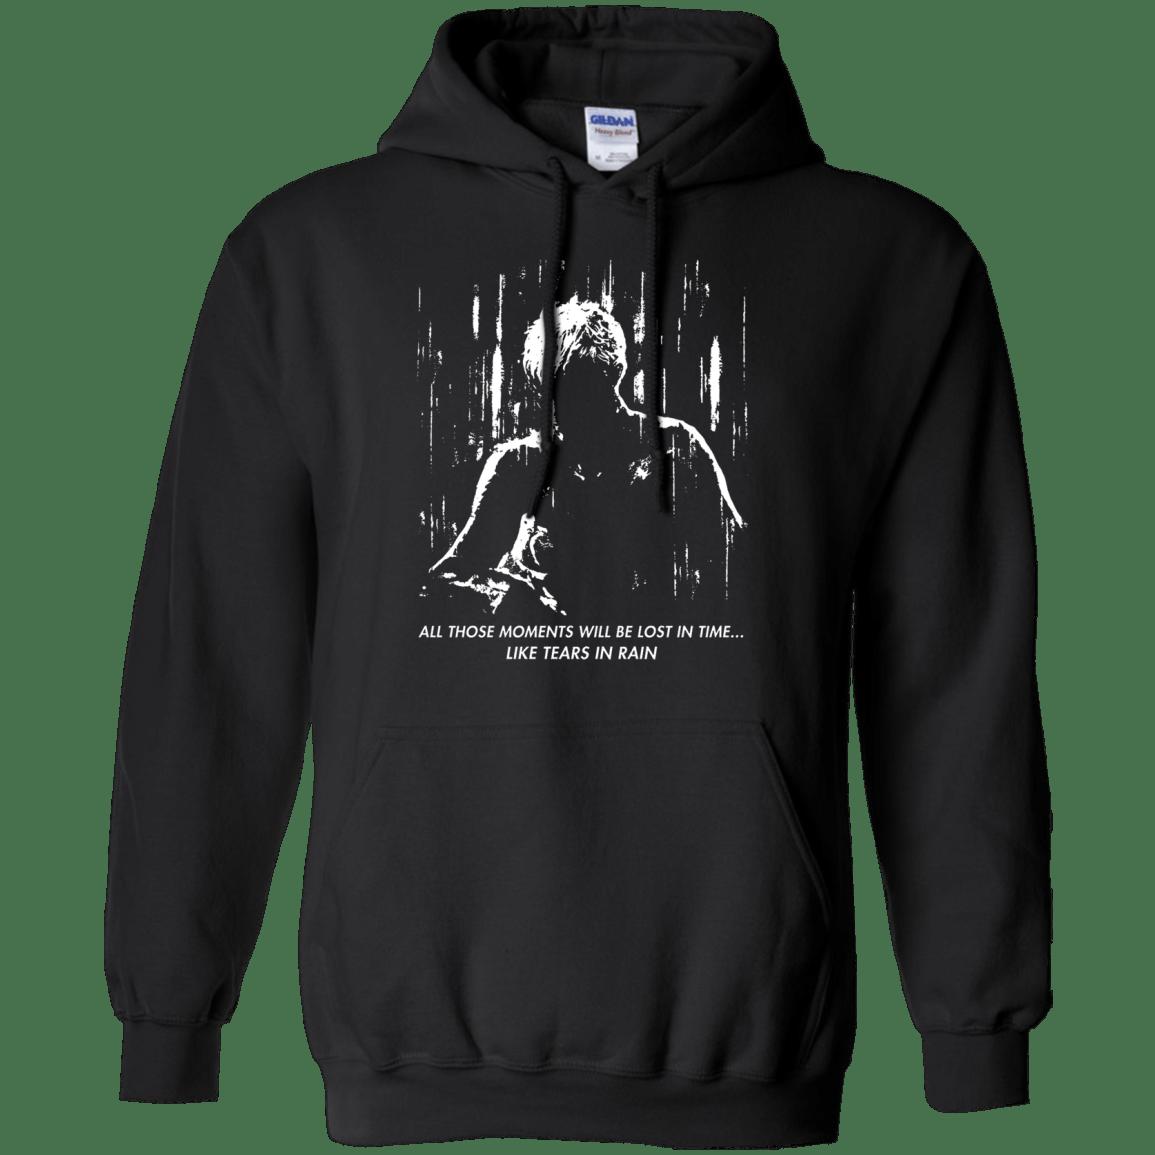 Blade Runner – Like Tears in Rain Hoodie